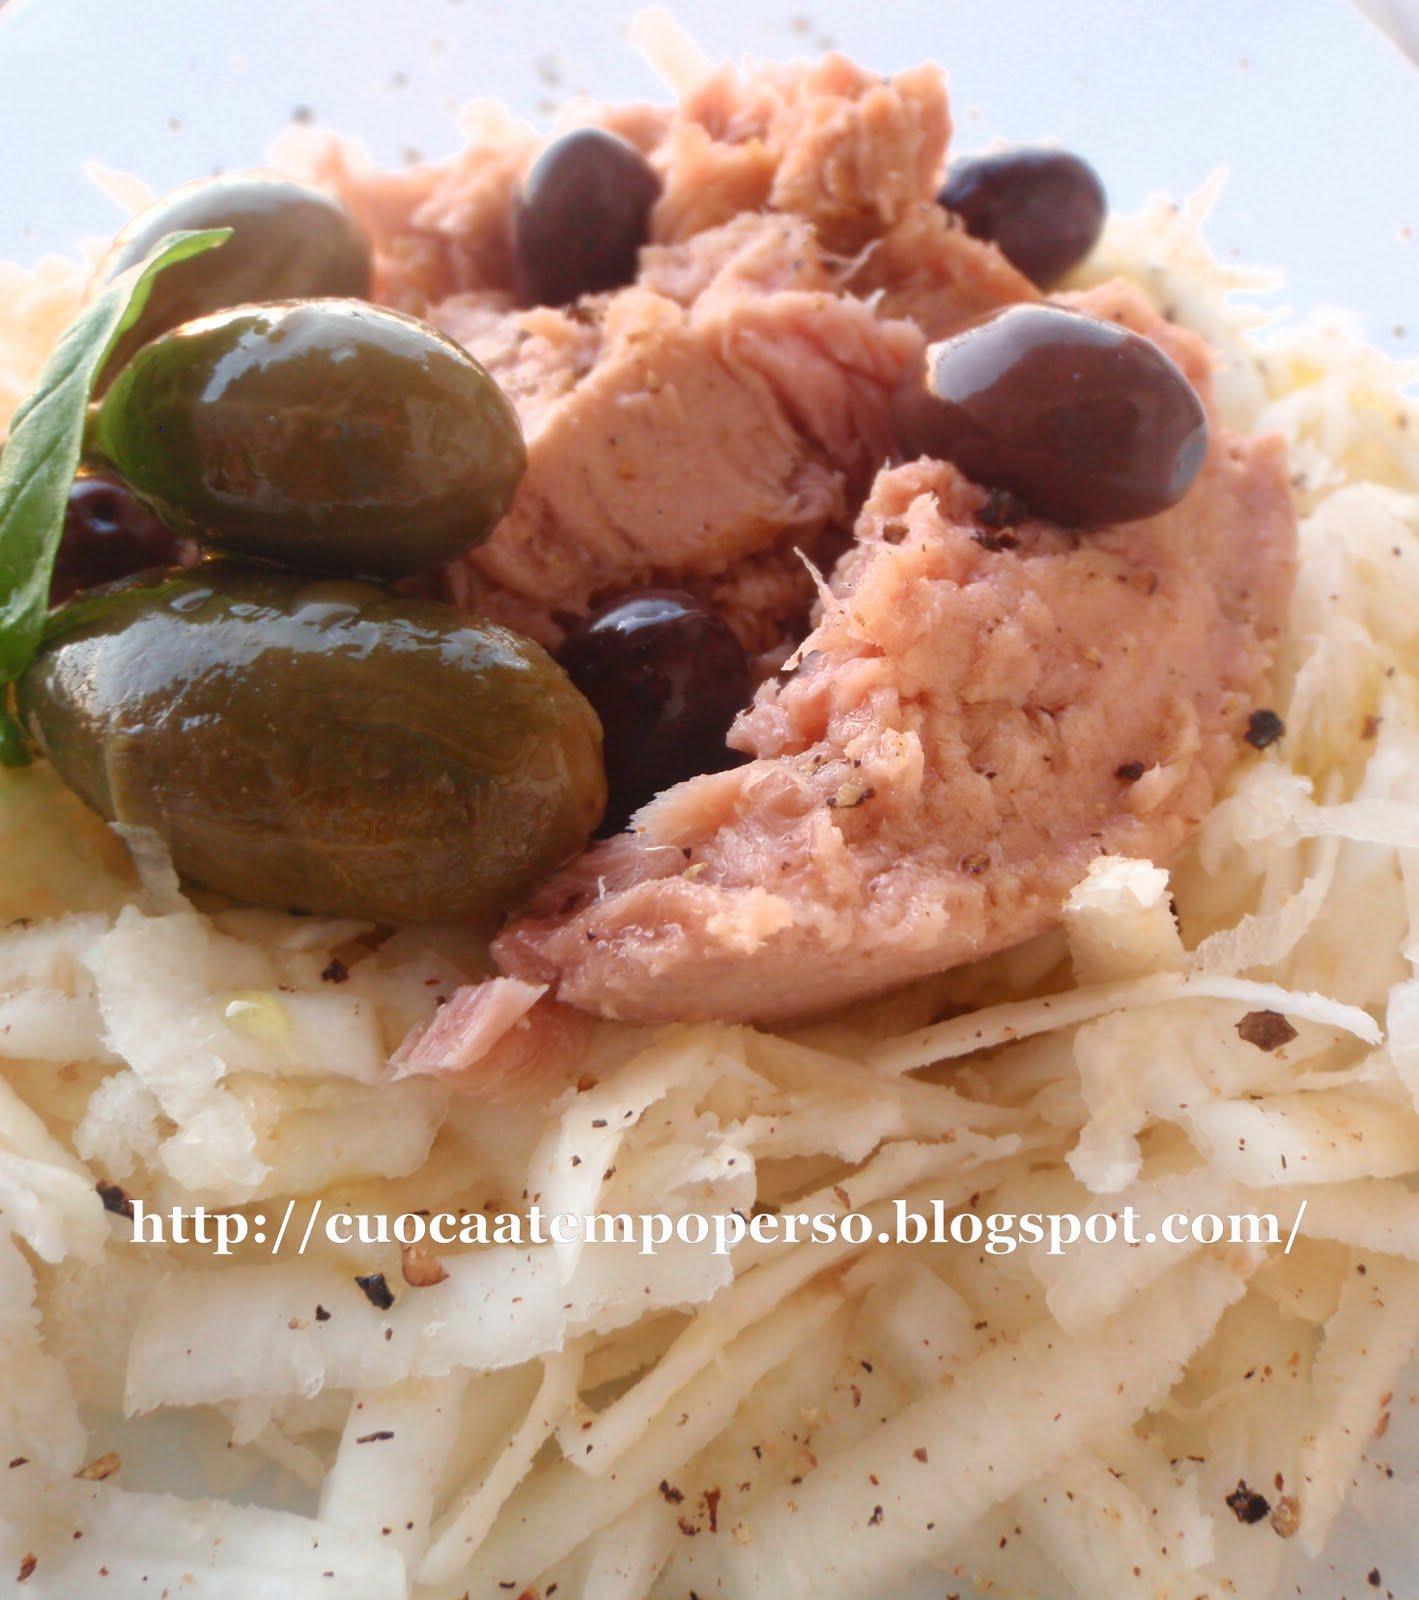 ricetta insalata sedano rapa tonno taggiasche cocunci cuoca a tempo perso alessandra ruggeri